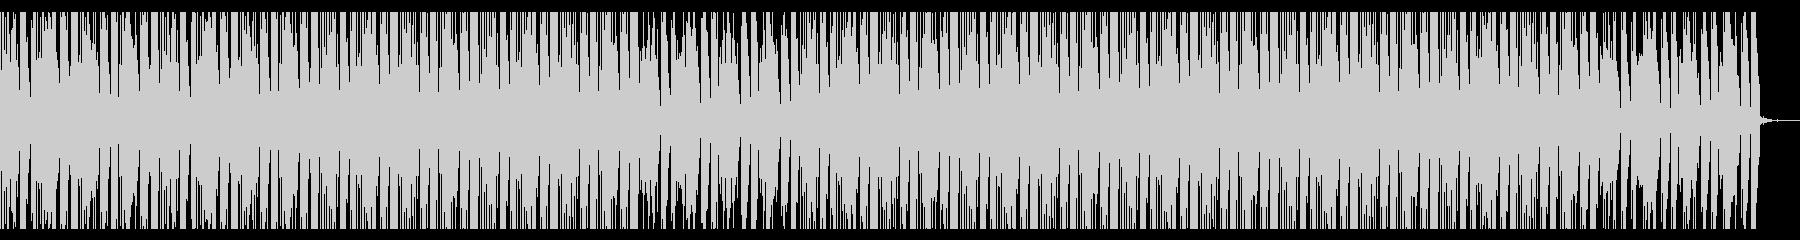 トーク・会話・オーガニック・海・チルの未再生の波形